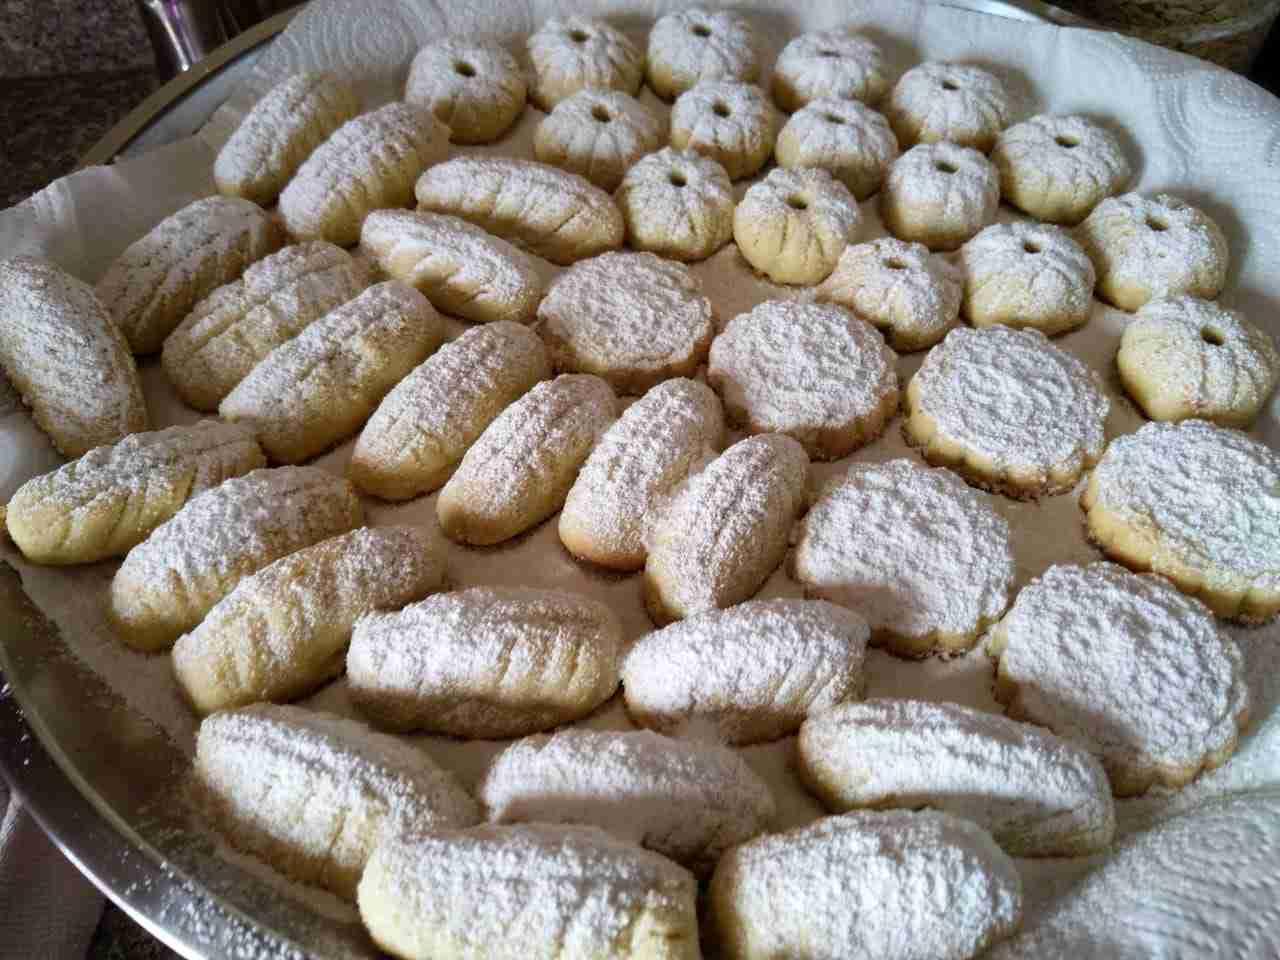 معمولاااتي😍 ملكه الحلويات الشرقيه